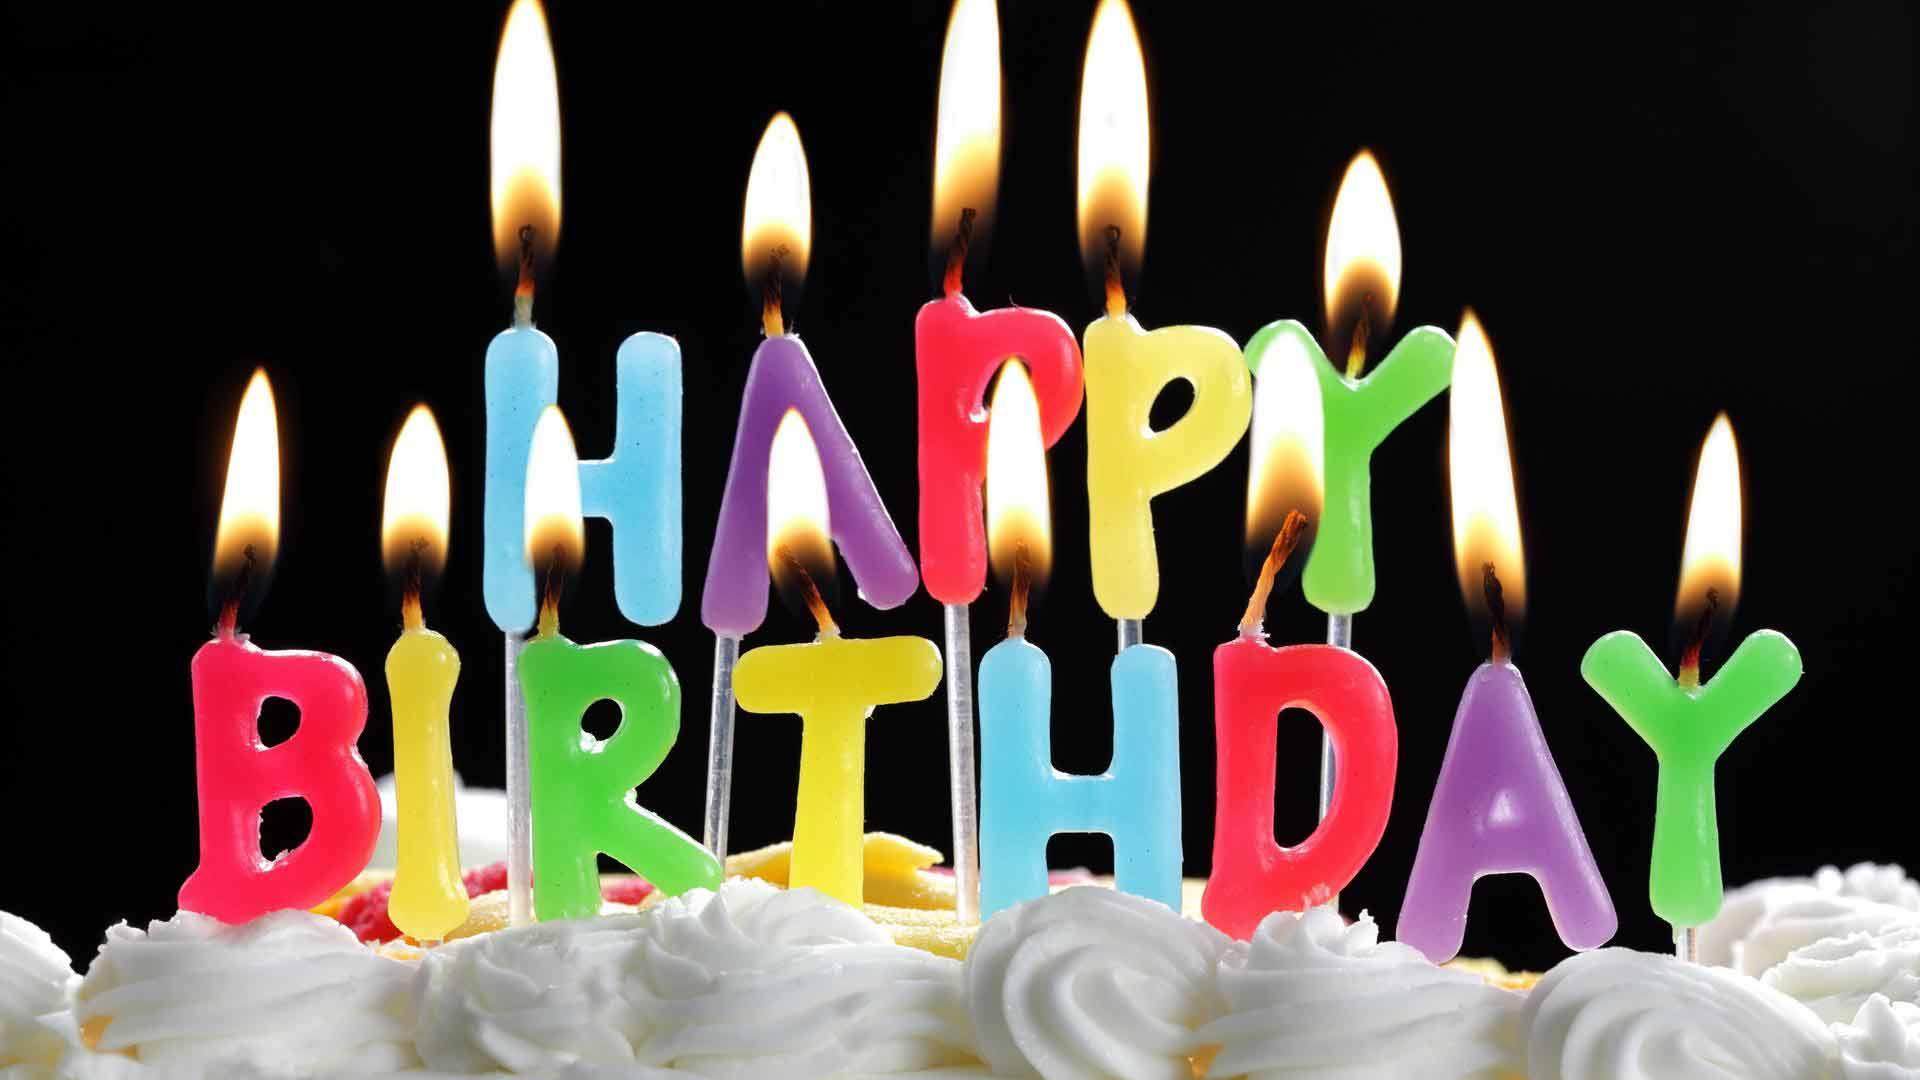 Поздравления с днем рождения по-английски стихах фото 186